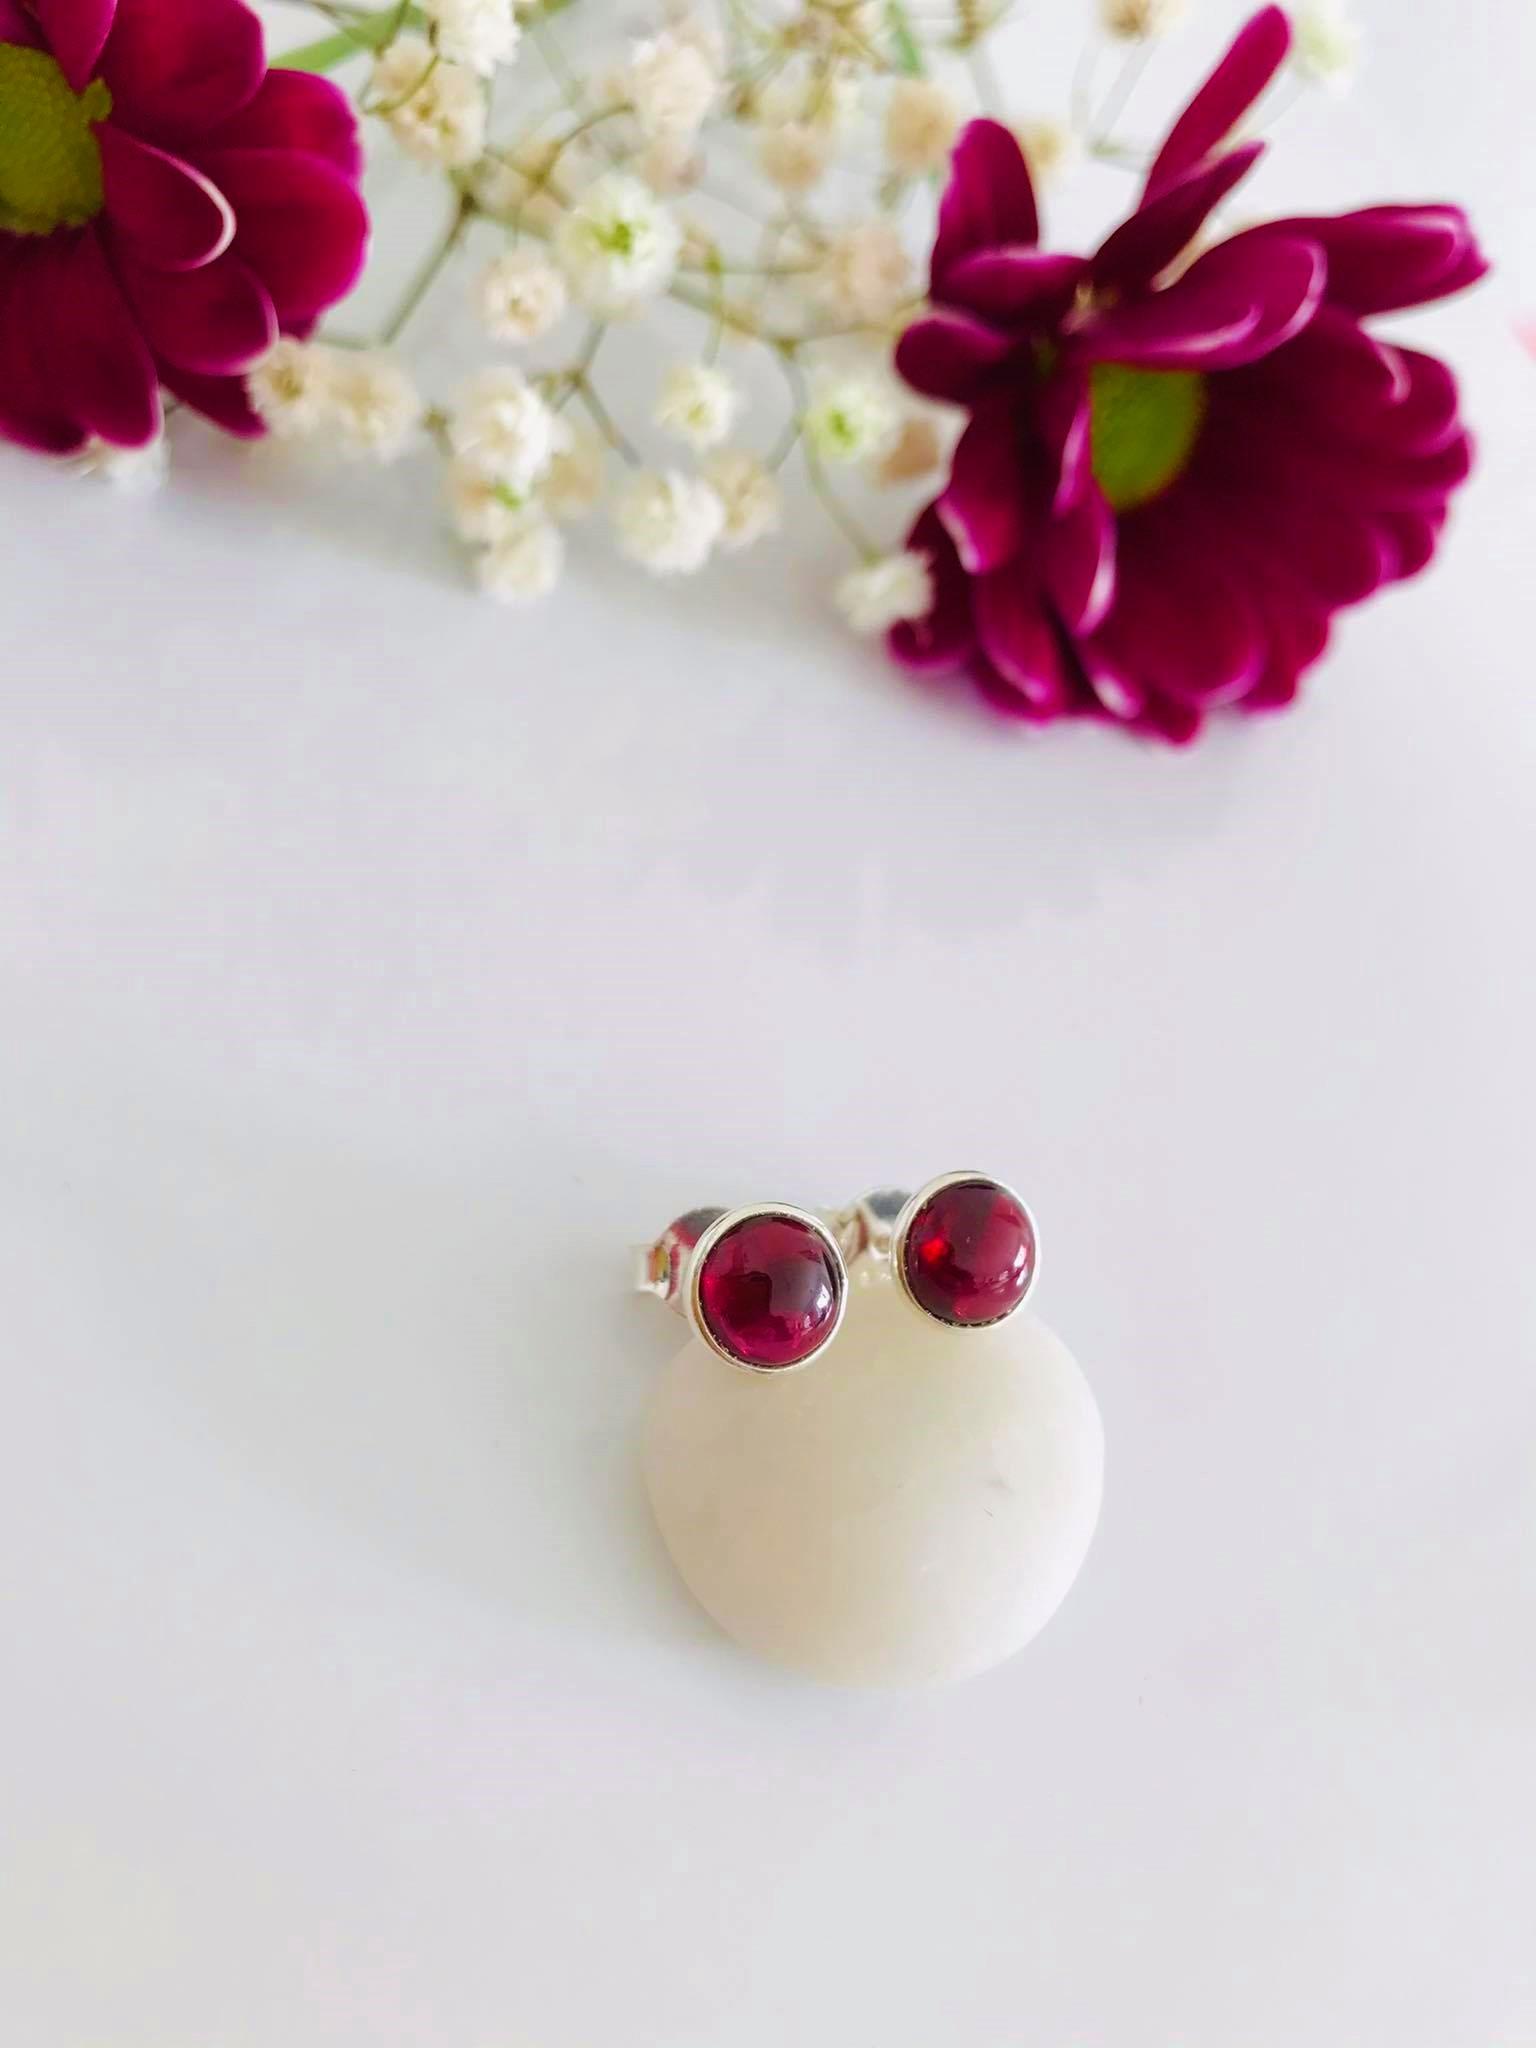 Garnet set in Silver Earrings Image